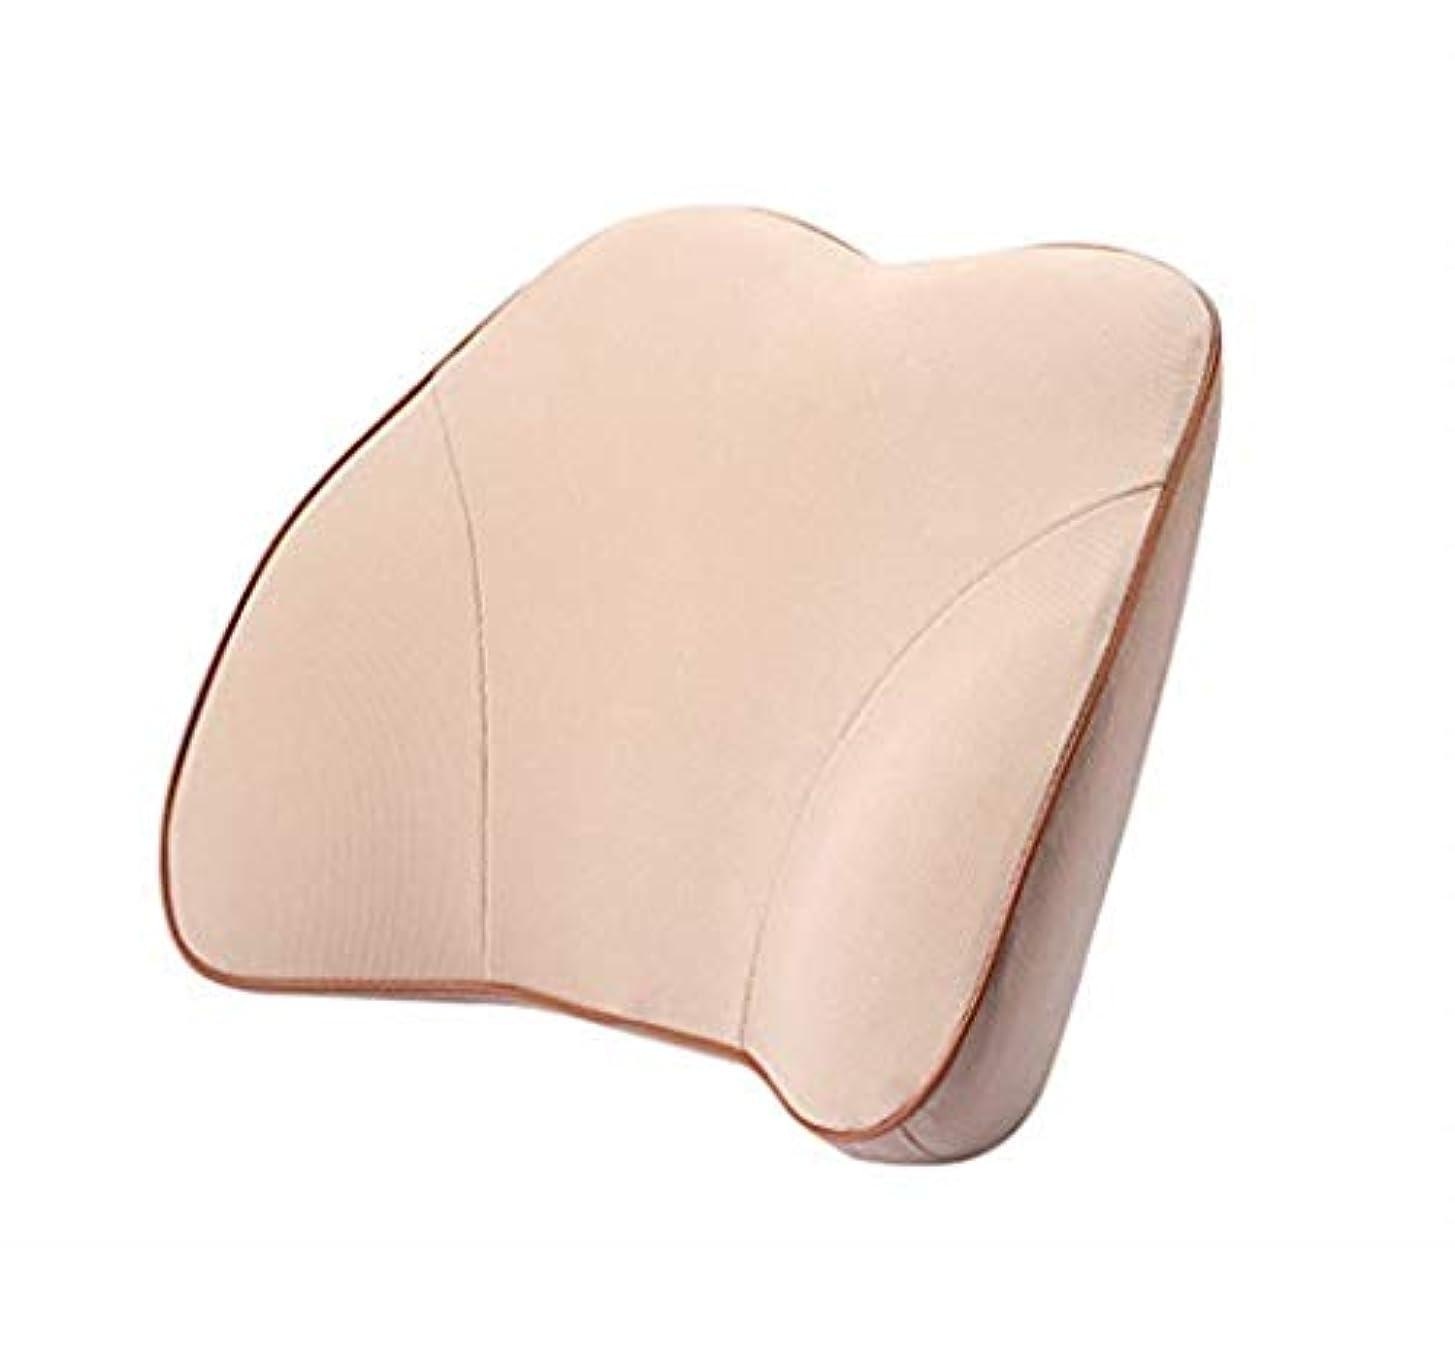 定規銛説教する腰椎枕 - 100%低反発腰椎クッション - ポータブル枕 - 整形外科ウエストサポート枕 - 車のオフィスチェア - 長距離運転オフィスに適した腰痛緩和 (Color : Beige)